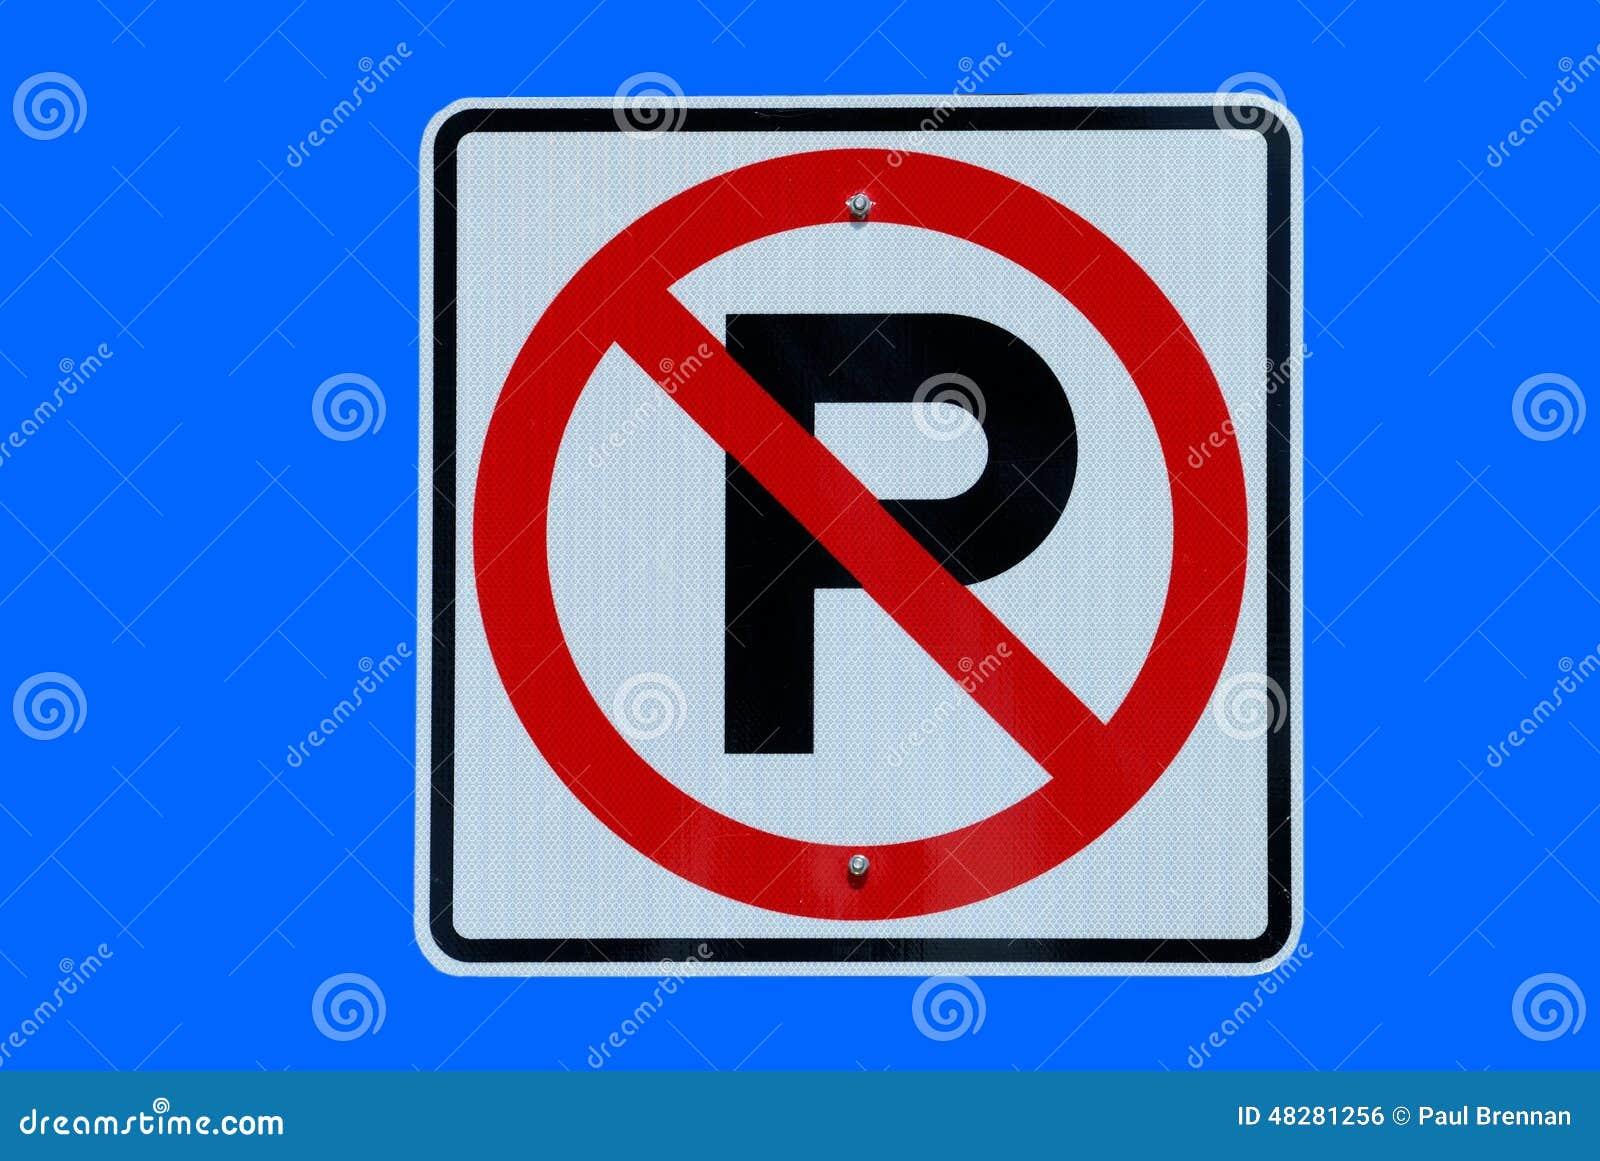 Aucun signe de stationnement